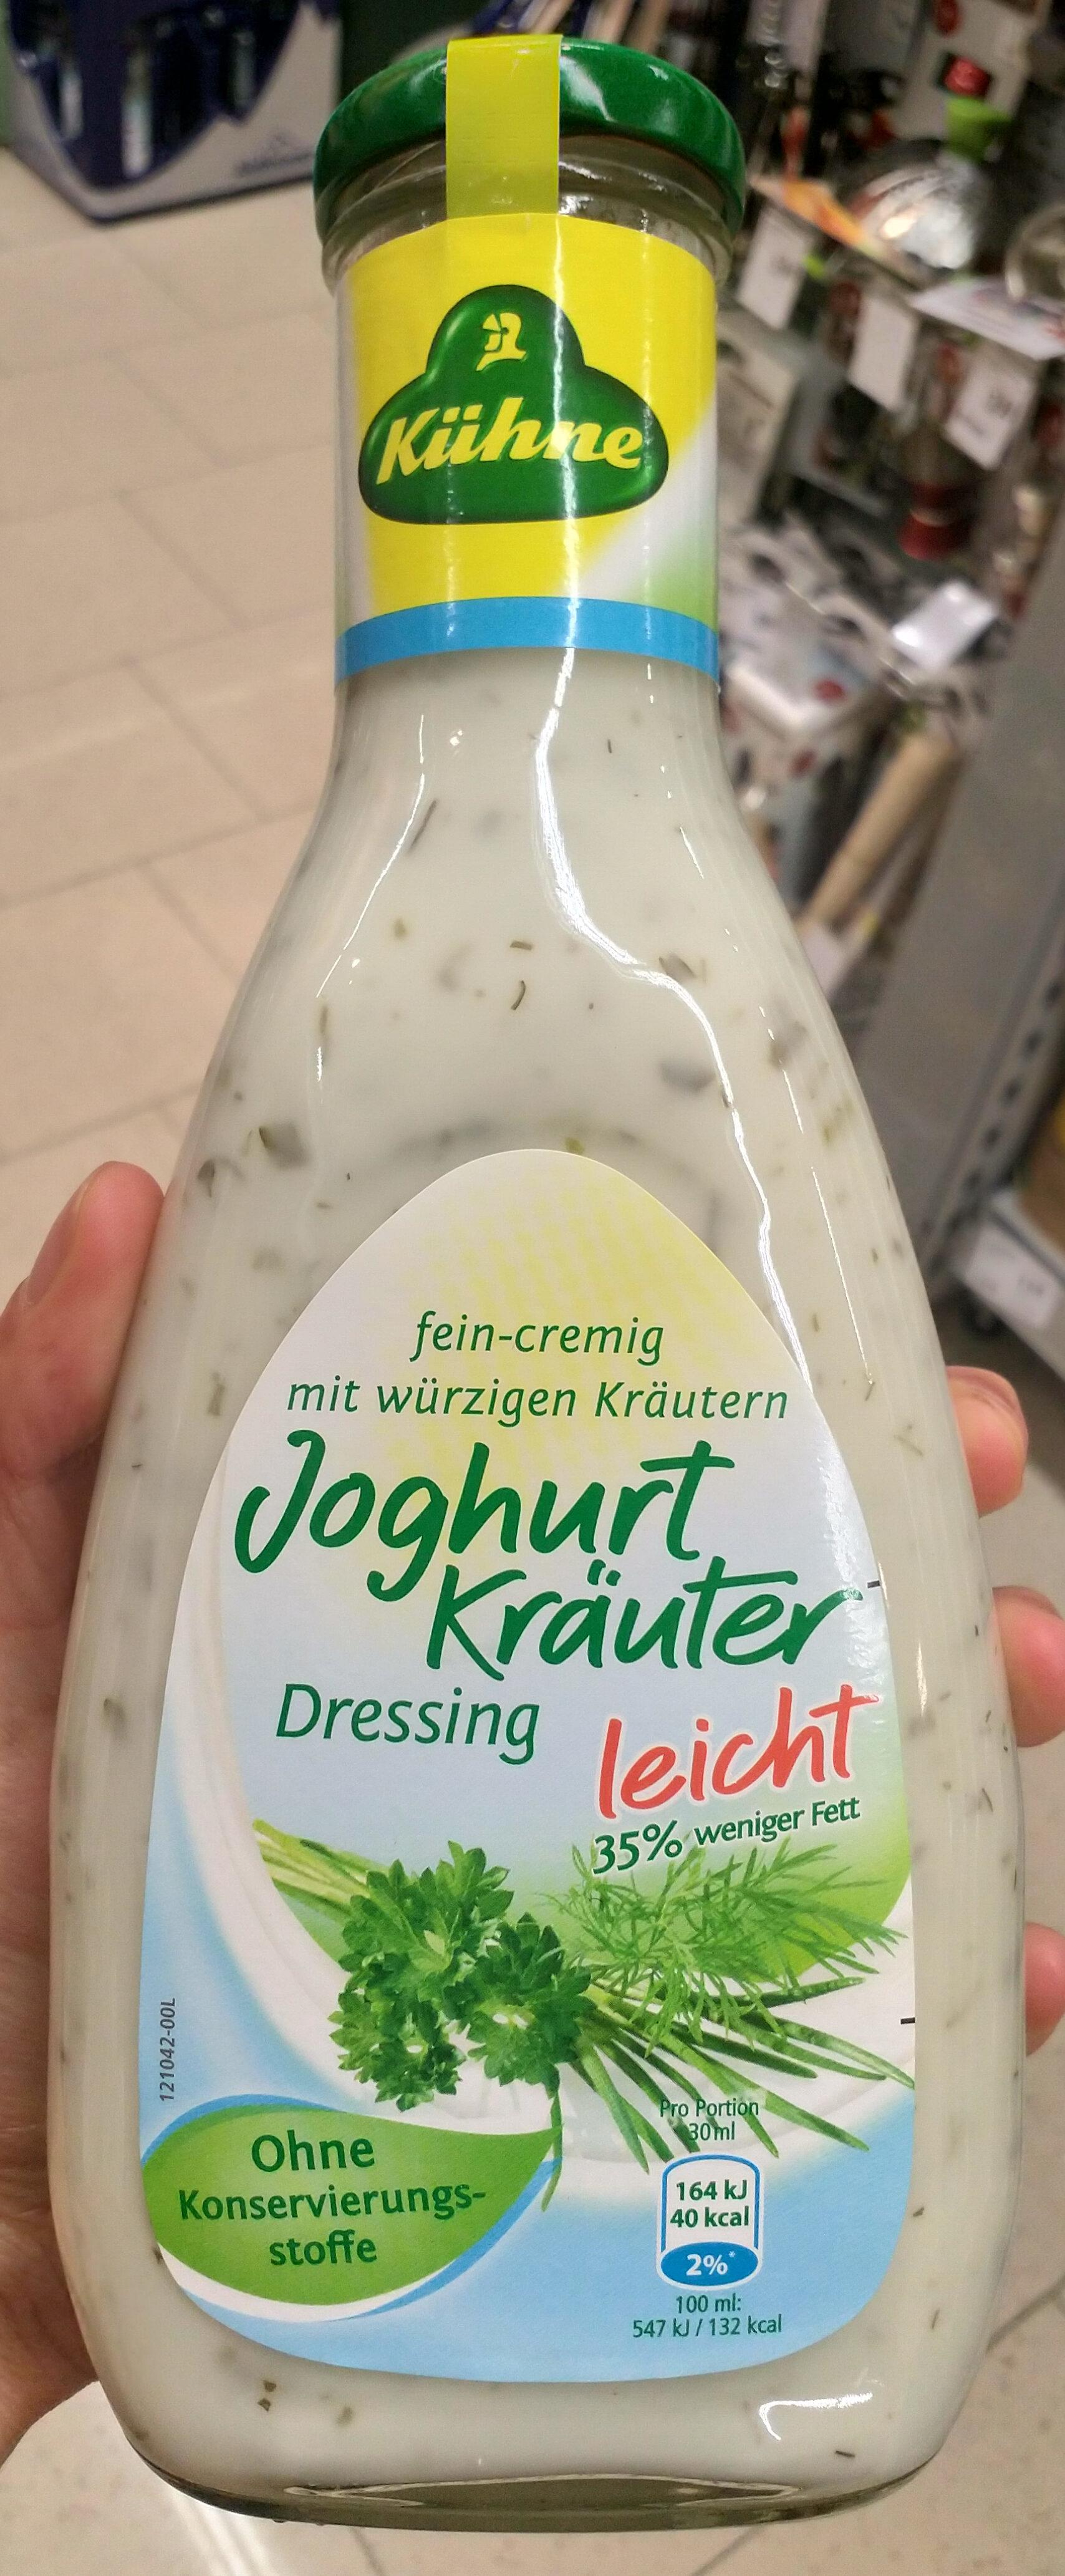 Salatfix, Joghurt Kräuter Dressing Leicht - Produkt - de